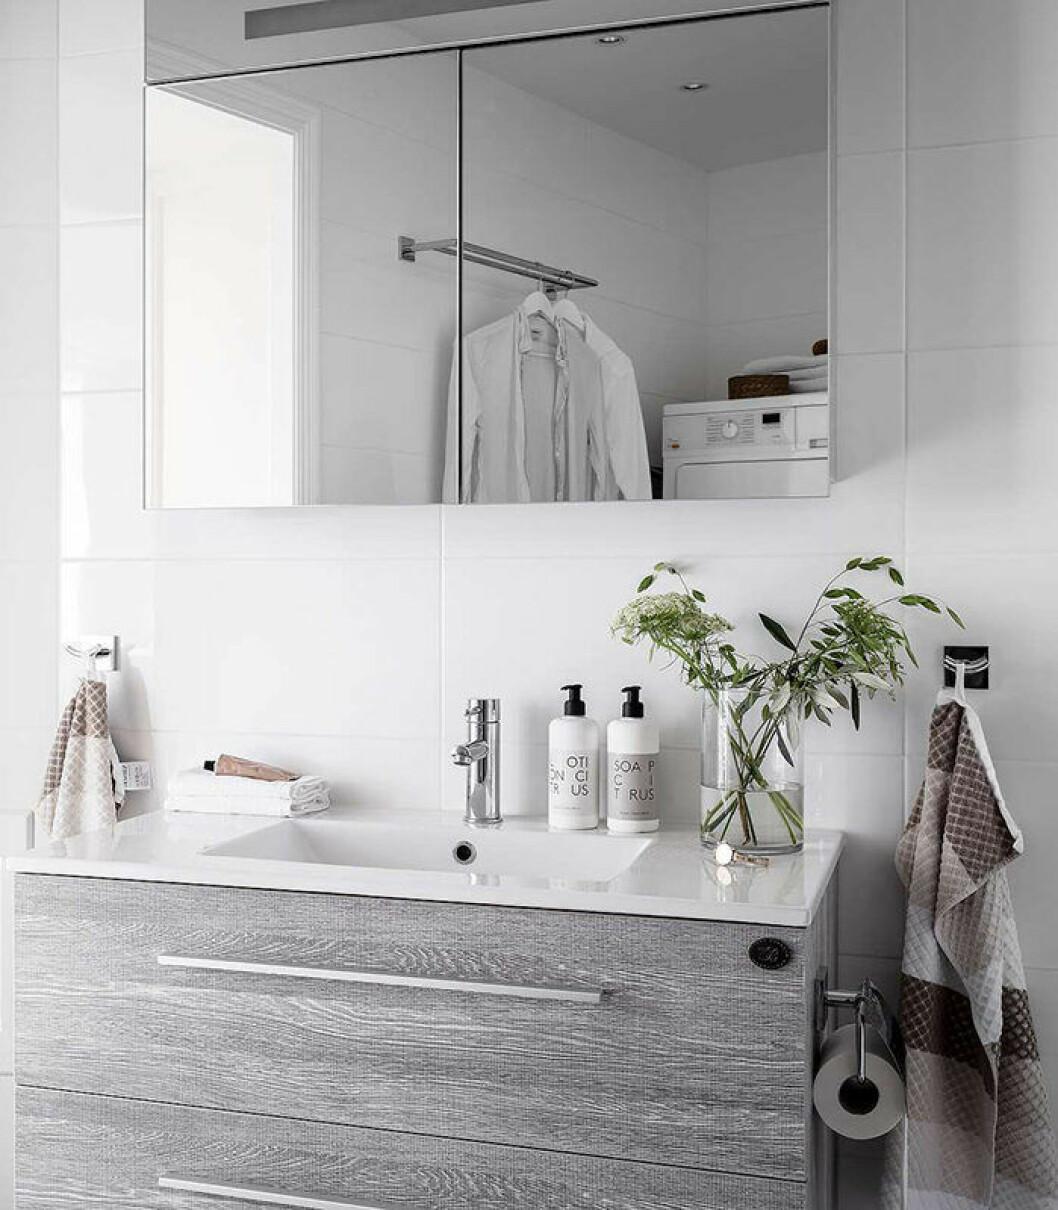 Enhetliga inredningsval skapar en lyxig känsla i badrummet.